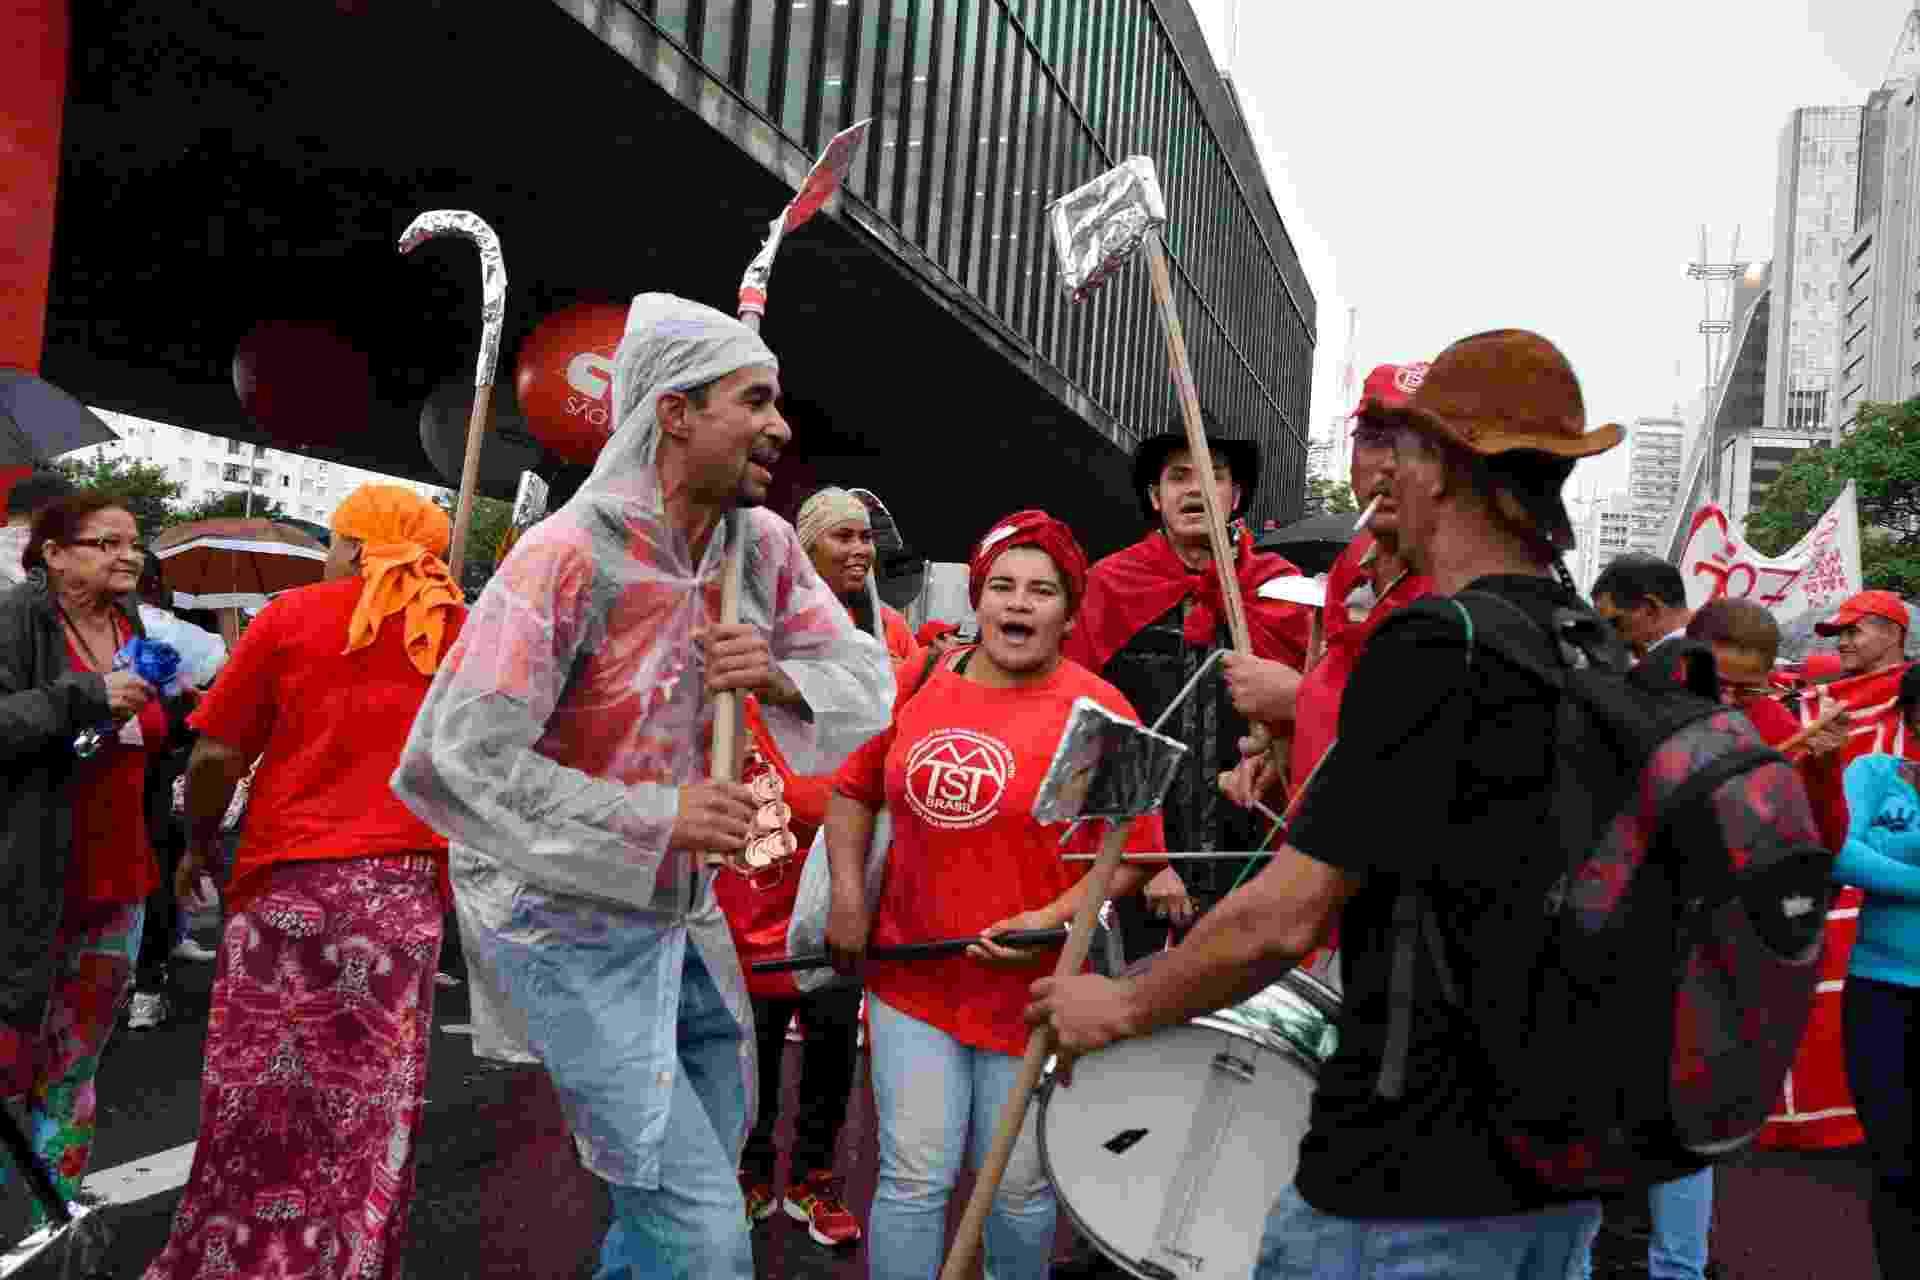 """13.nov.2014 - Manifestantes  concentrados em frente ao vão livre do Masp, na avenida Paulista, em São Paulo, exibem réplicas de machados durante ato por """"reformas populares"""" nesta quinta-feira (13). De acordo com policiais militares que acompanham o ato, cerca de 12 mil pessoas estão presentes. Os organizadores estimam em 15 mil - Fernando Zamoura/ Futura Press/ Estadão Conteúdo"""